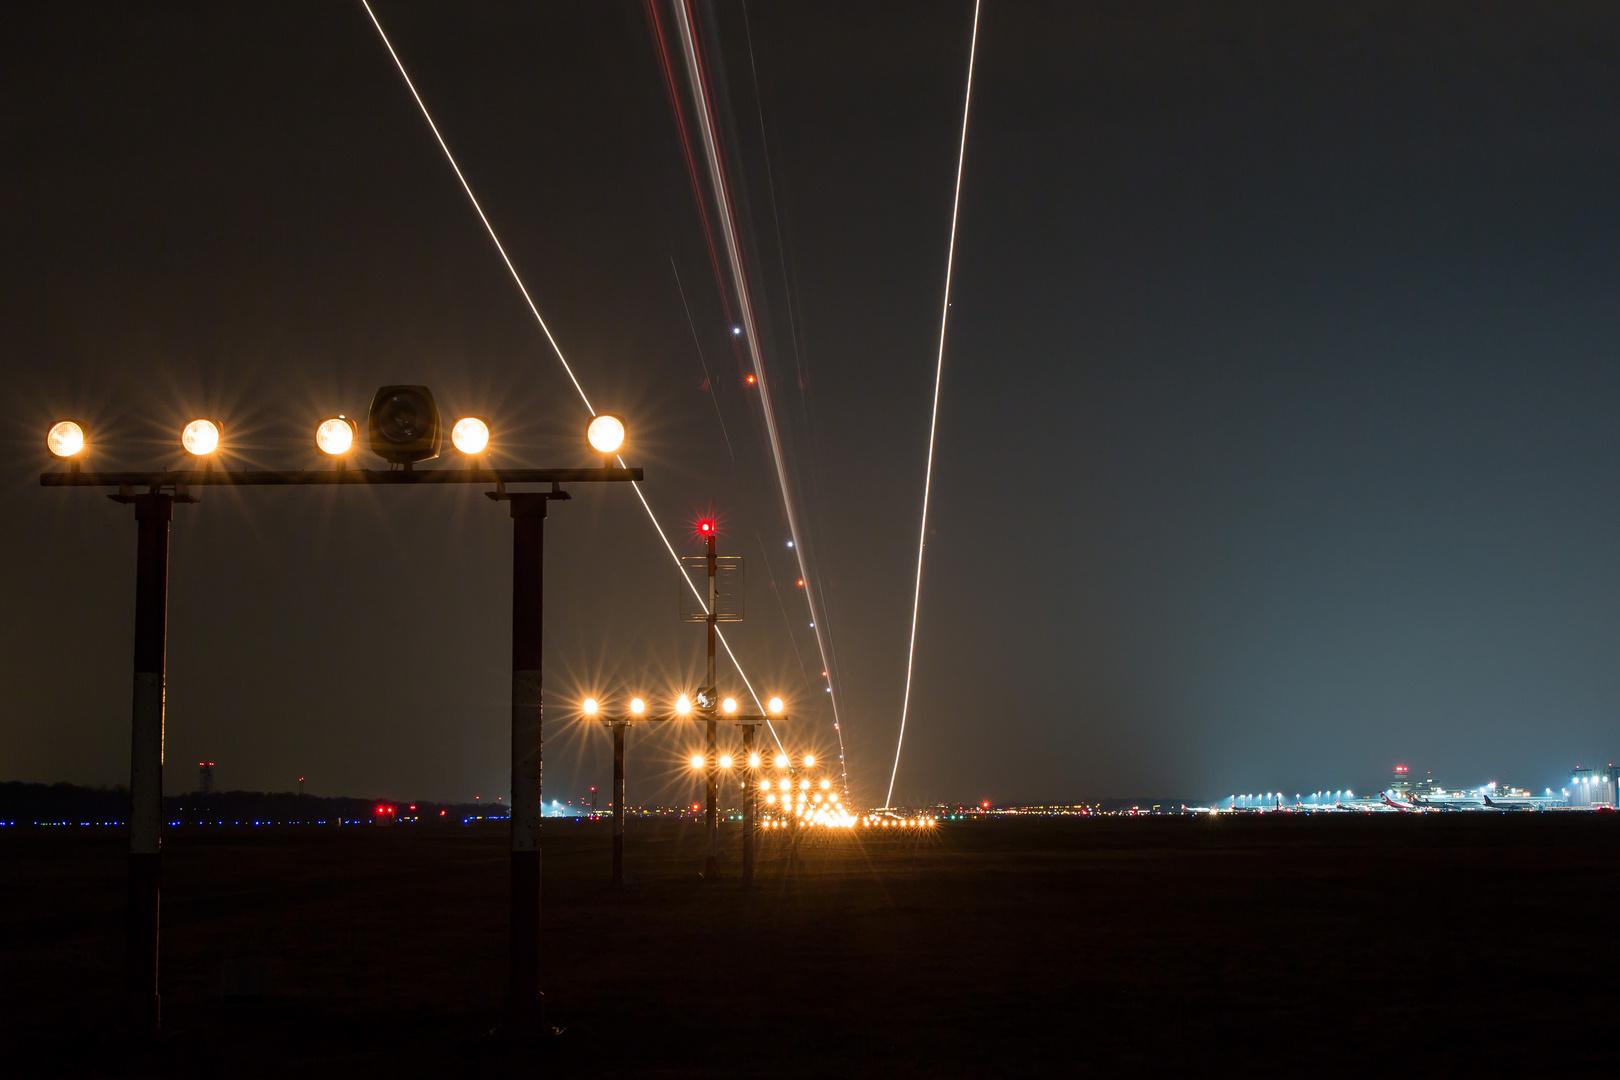 Airport TXL at night